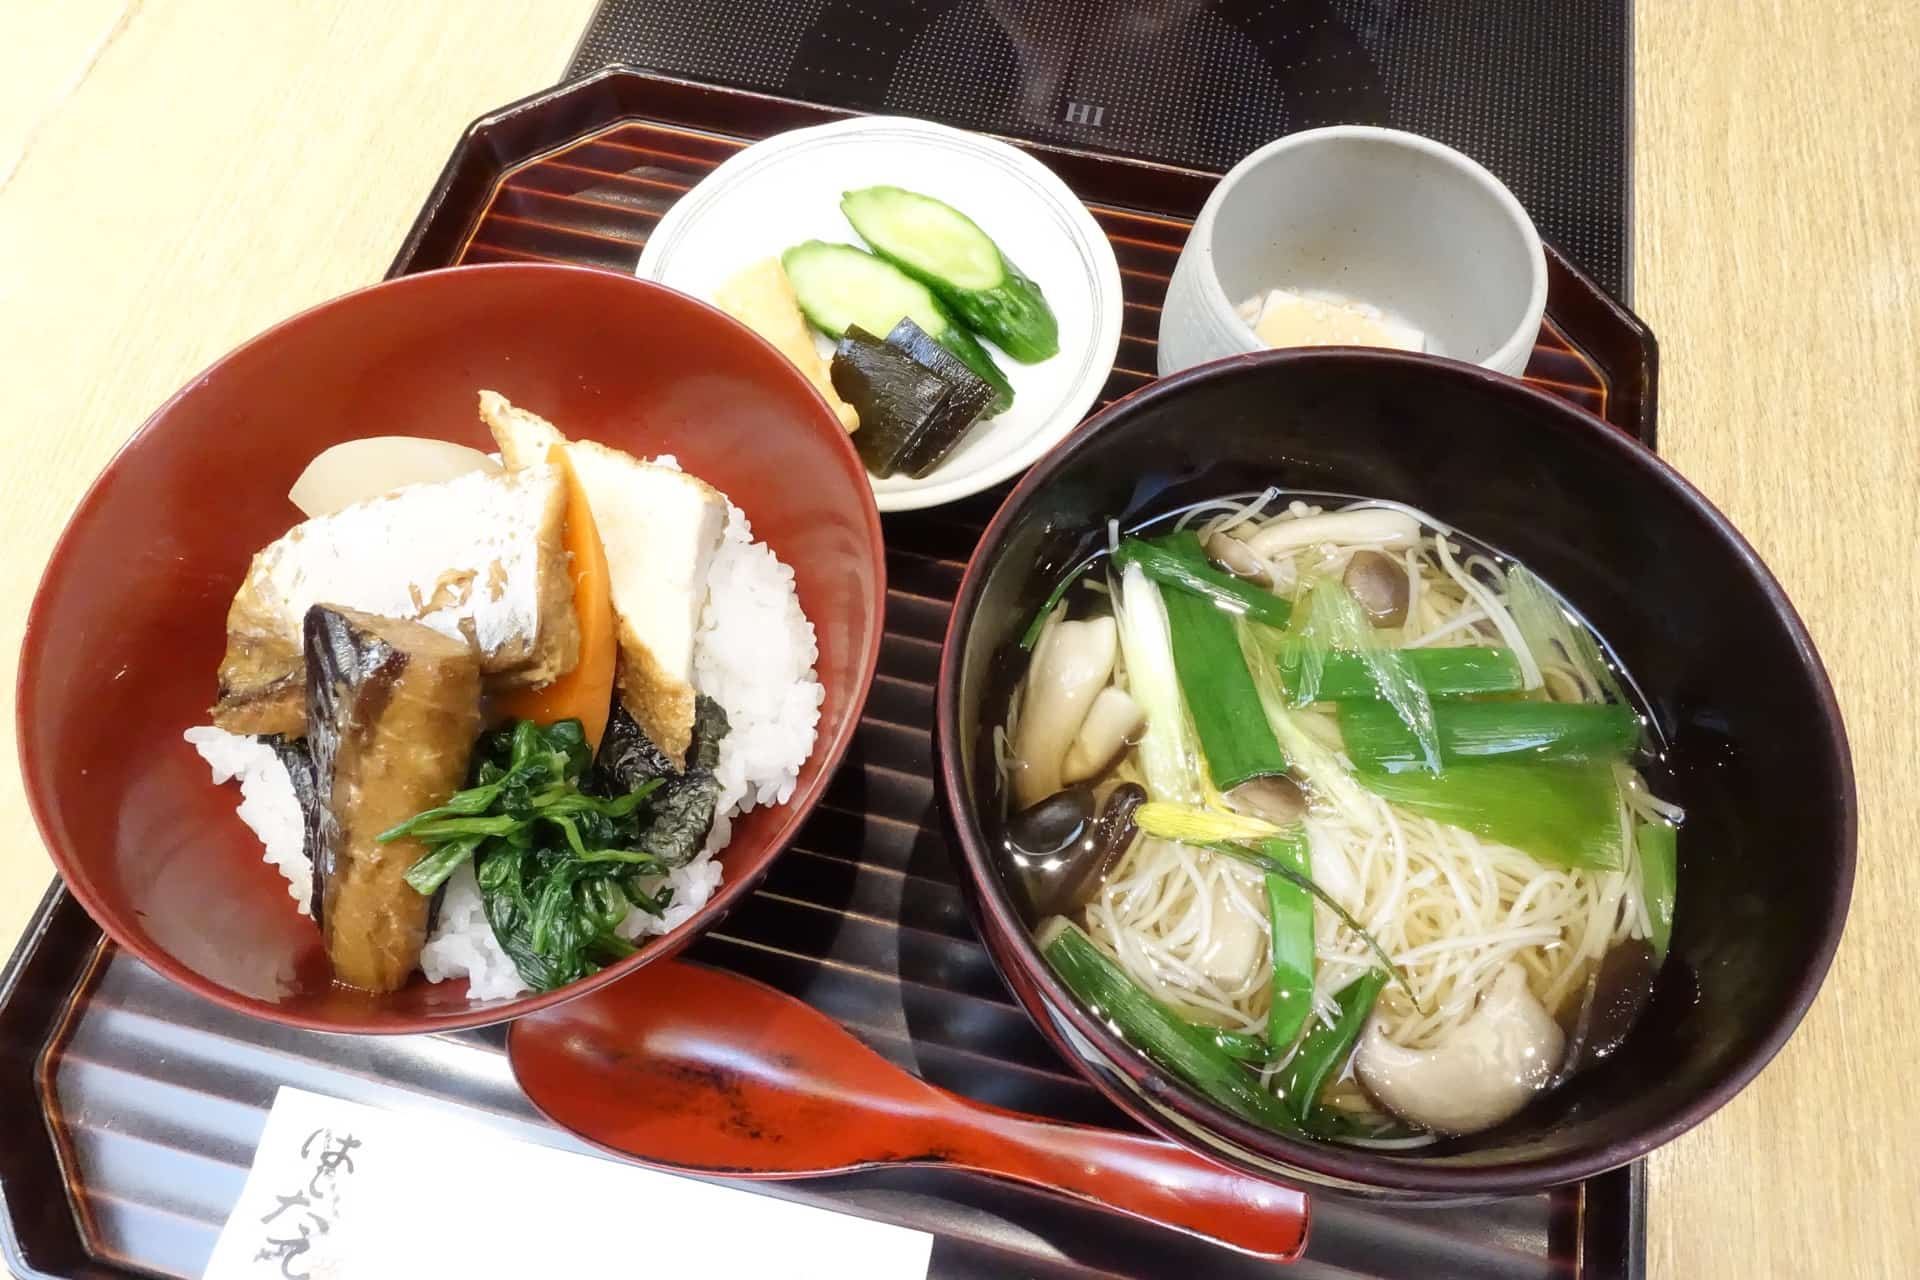 京都駅にある「はしたて」でランチ。混雑必至でも並ぶ価値アリのおすすめ和食